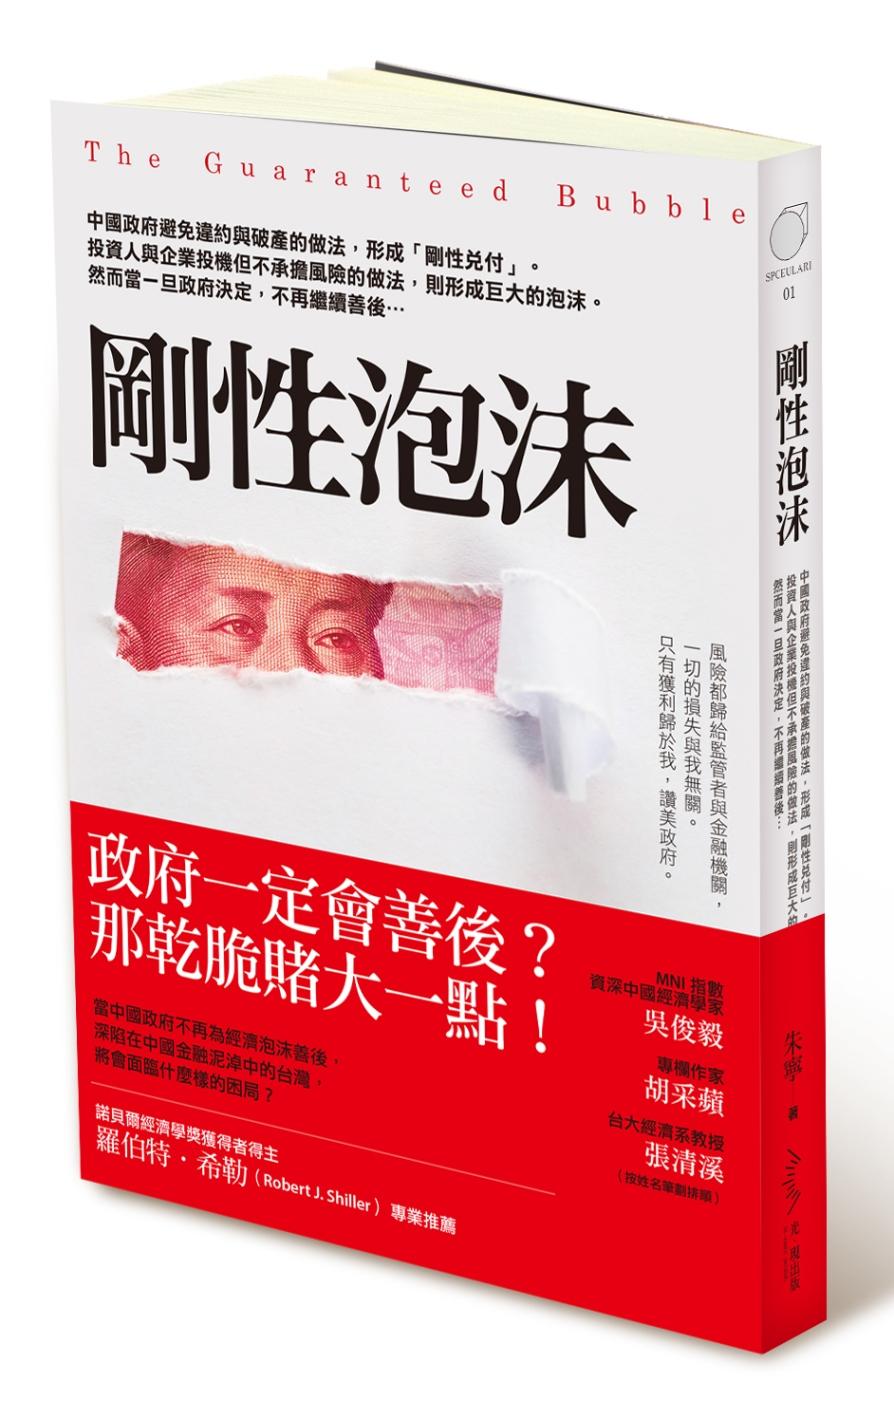 剛性泡沫:中國政府避免違約與破產的做法,形成「剛性兌付」。投資人投機但不承擔風險的做法,則形成巨大的泡沫。然而當一旦政府決定,不